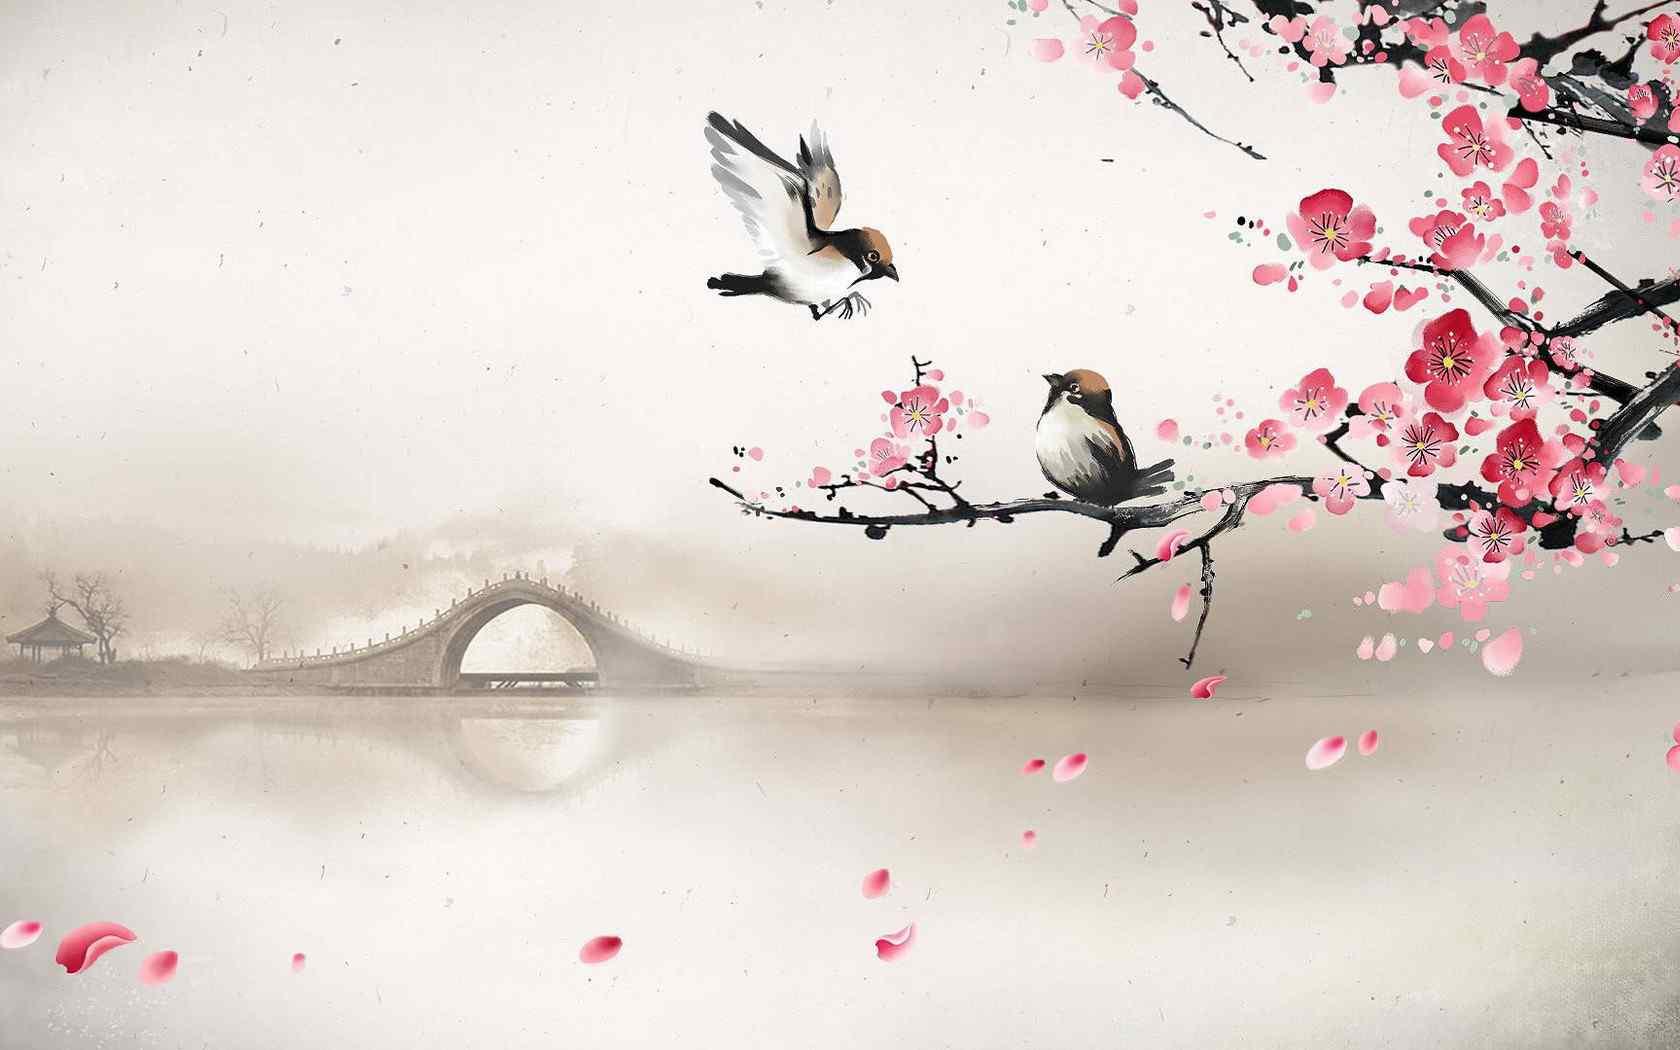 唯美小桥小鸟壁纸